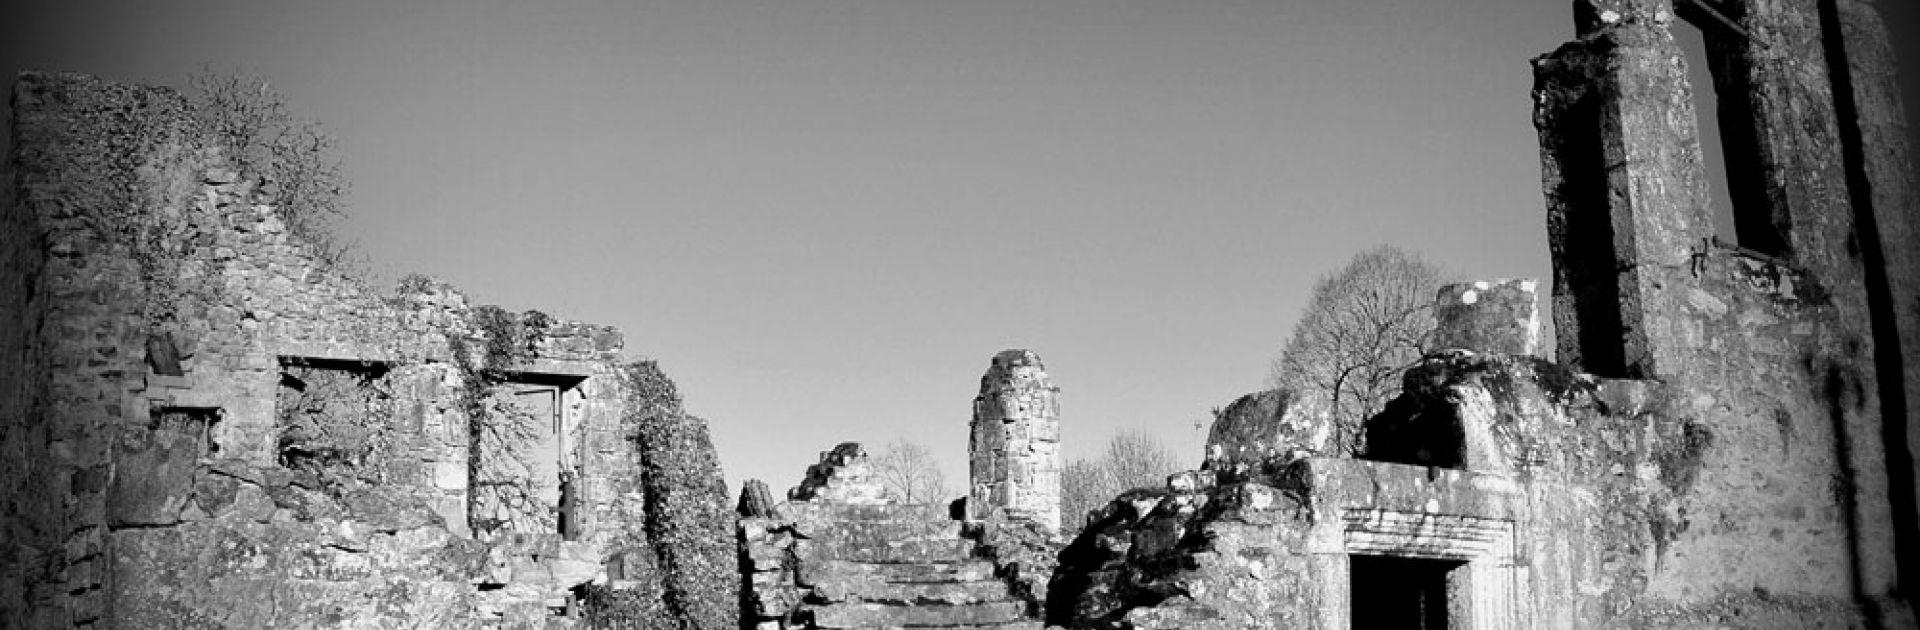 Oradour sur Glane, Traces de l'Histoire